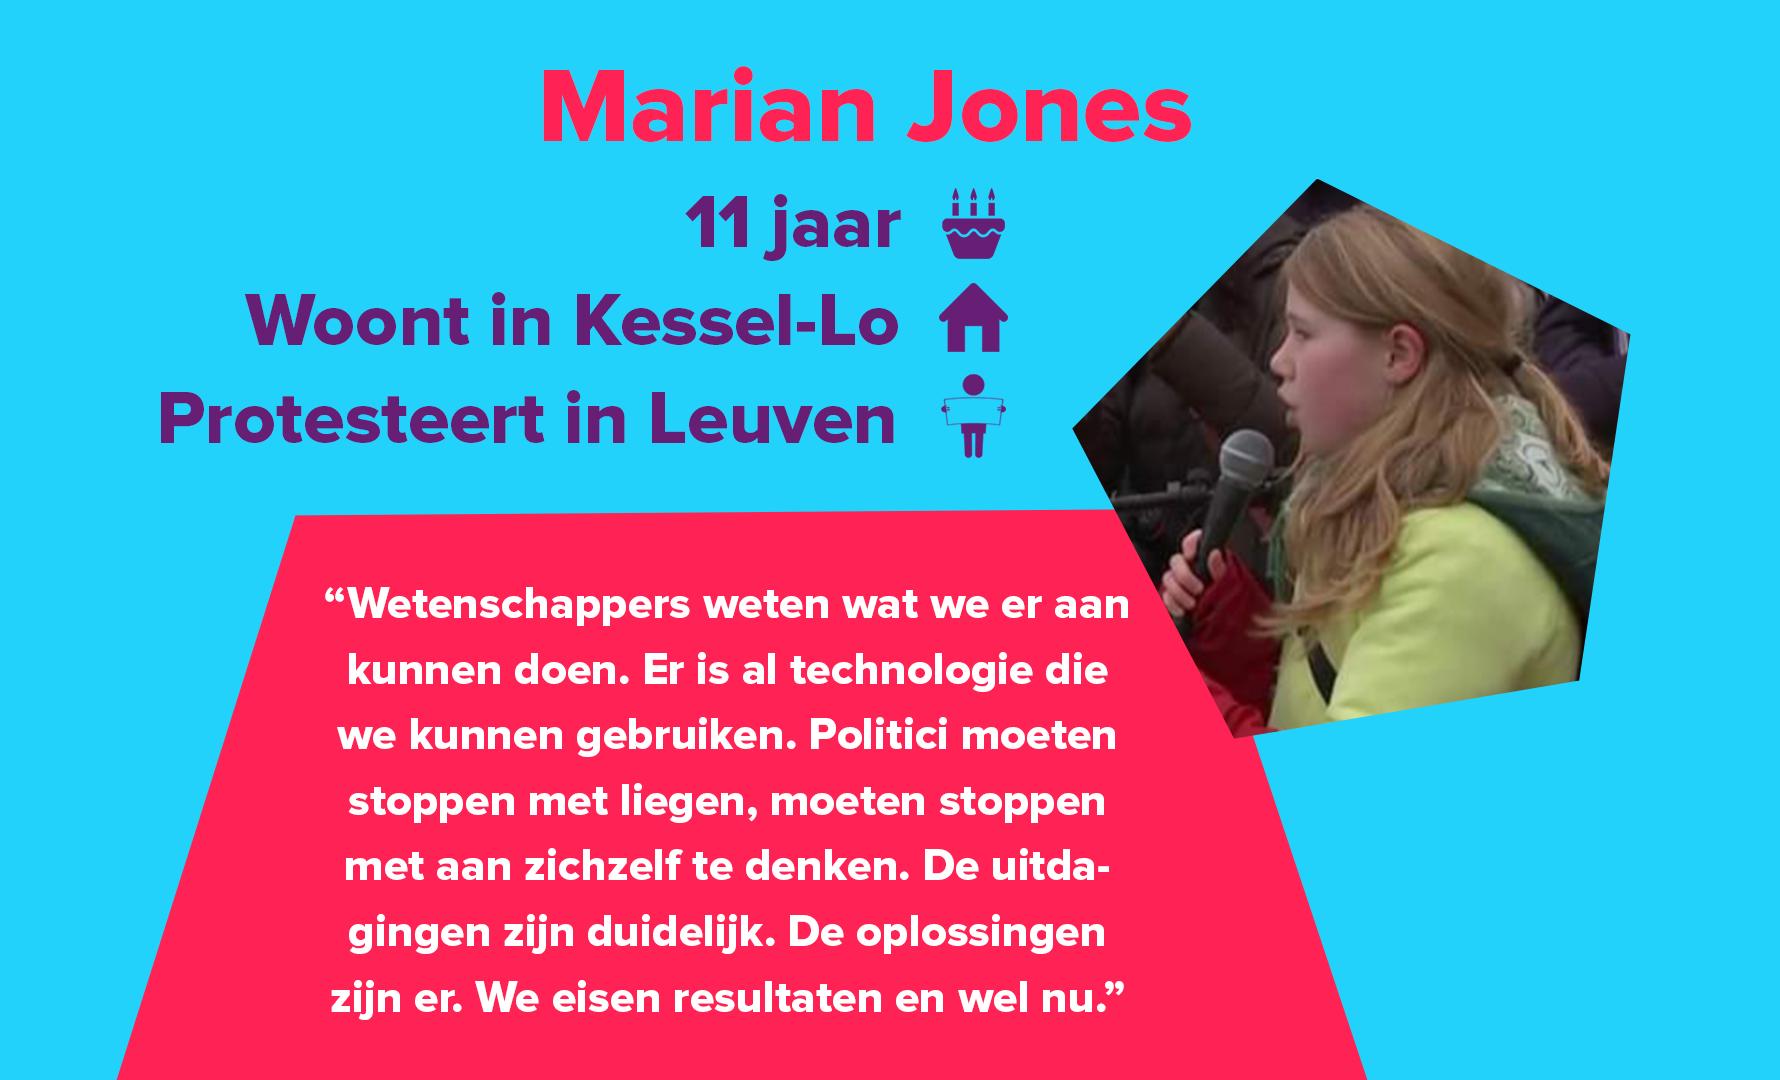 Marian Jones